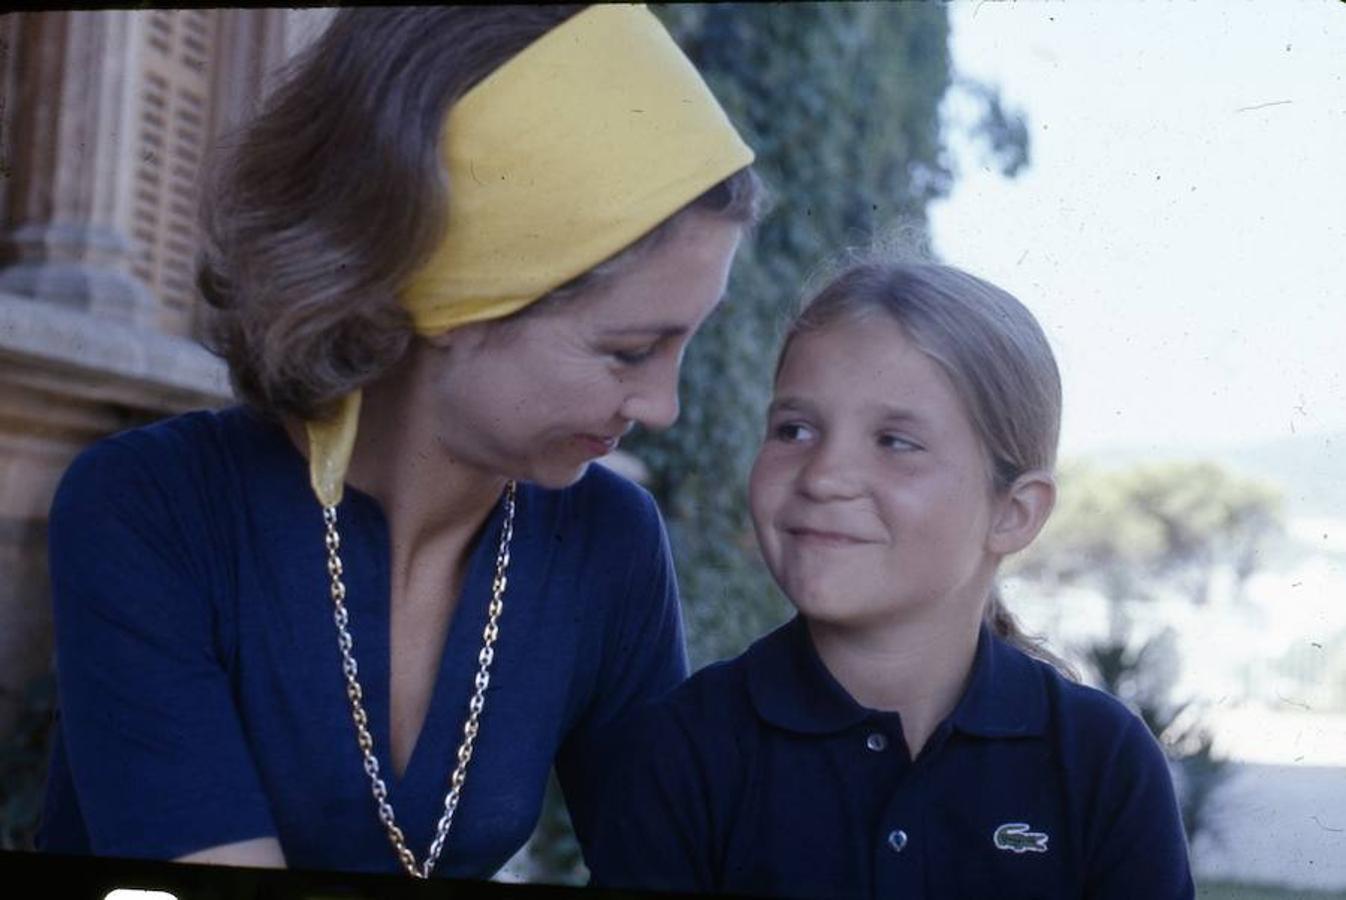 Este miércoles la Infanta Elena celebra su 54 cumpleaños, cifra que llega en un año tranquilo para la hermana del Rey Felipe VI